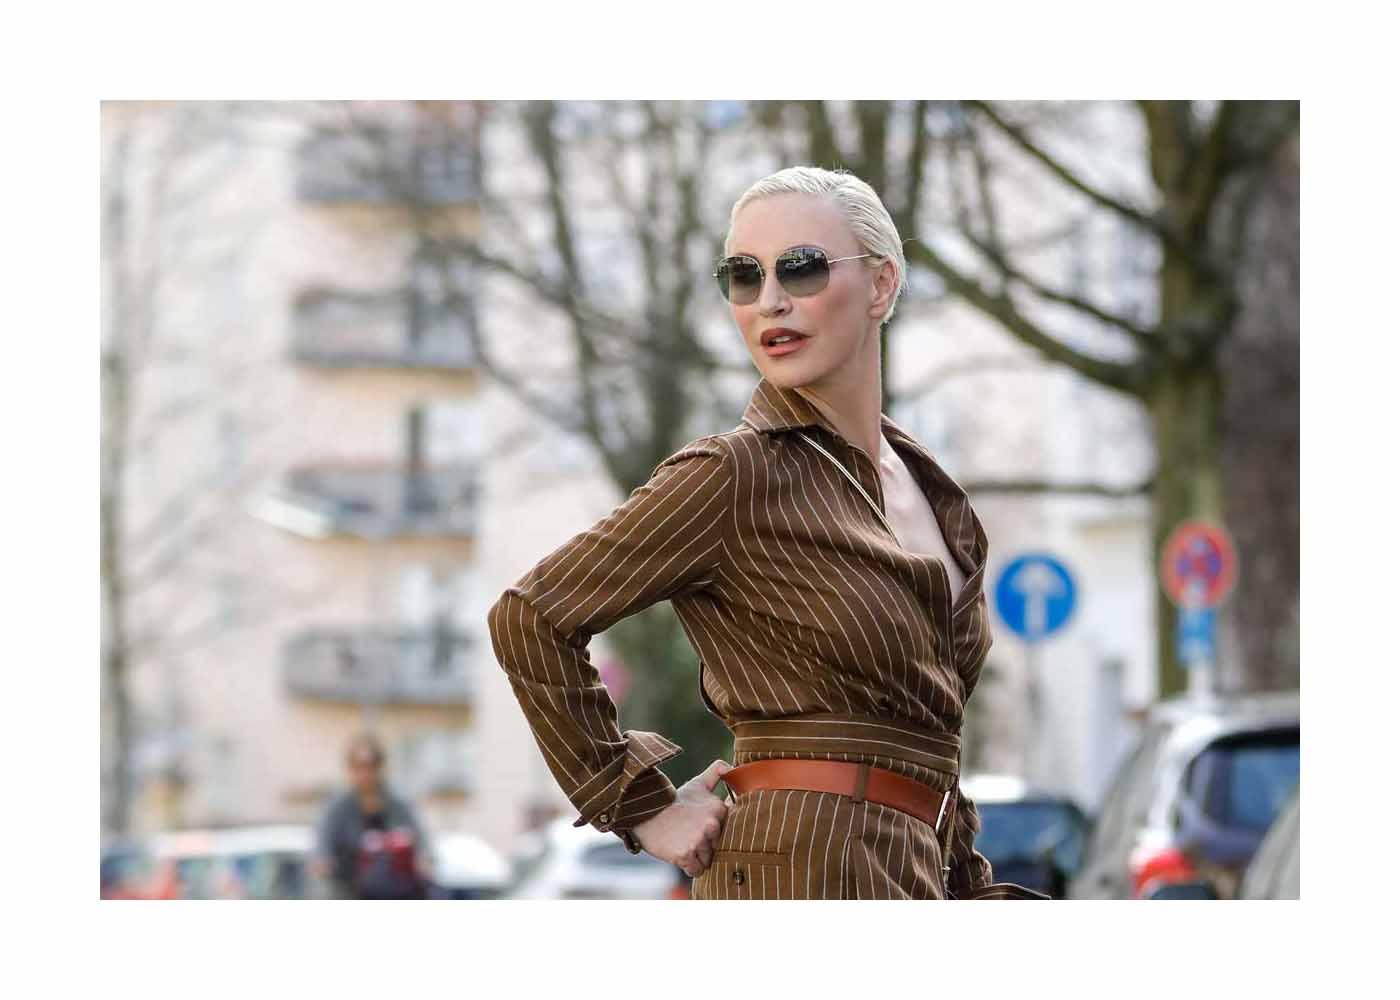 Nadja Michael Streetstyle Shooting In Berlin